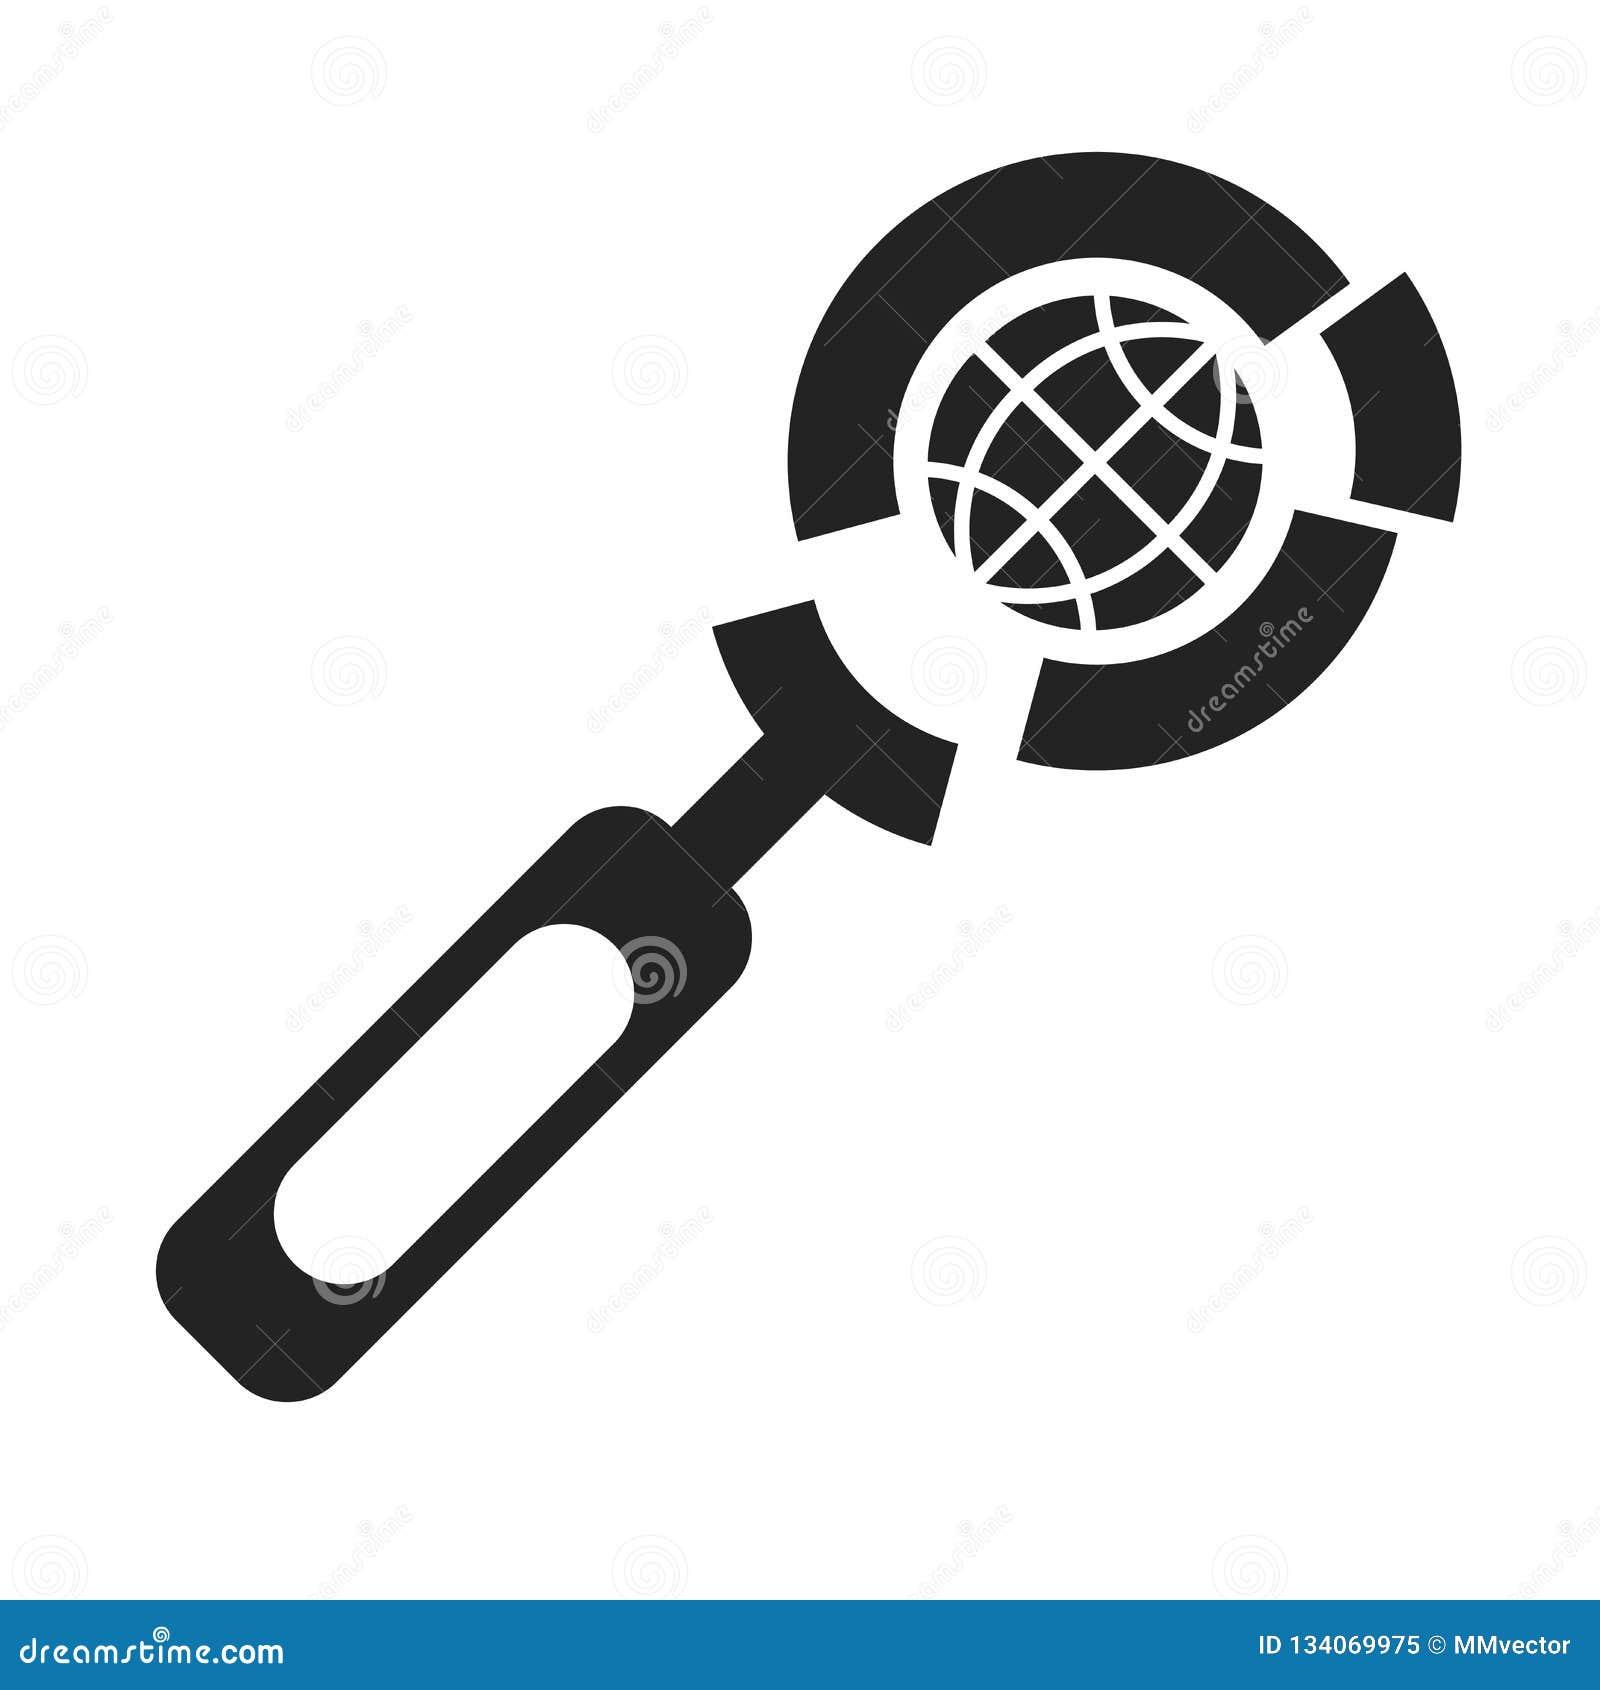 Αναζήτησης σημάδι και σύμβολο εικονιδίων διανυσματικό που απομονώνονται στο άσπρο υπόβαθρο, έννοια λογότυπων αναζήτησης